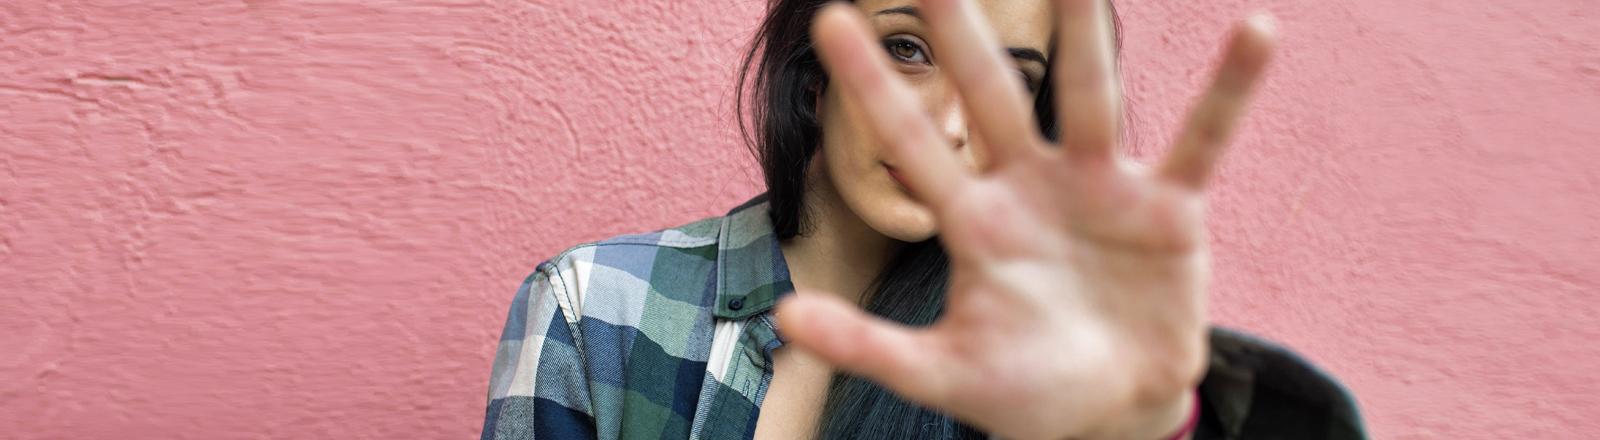 Eine Frau versteckt sich hinter ihrer Hand.